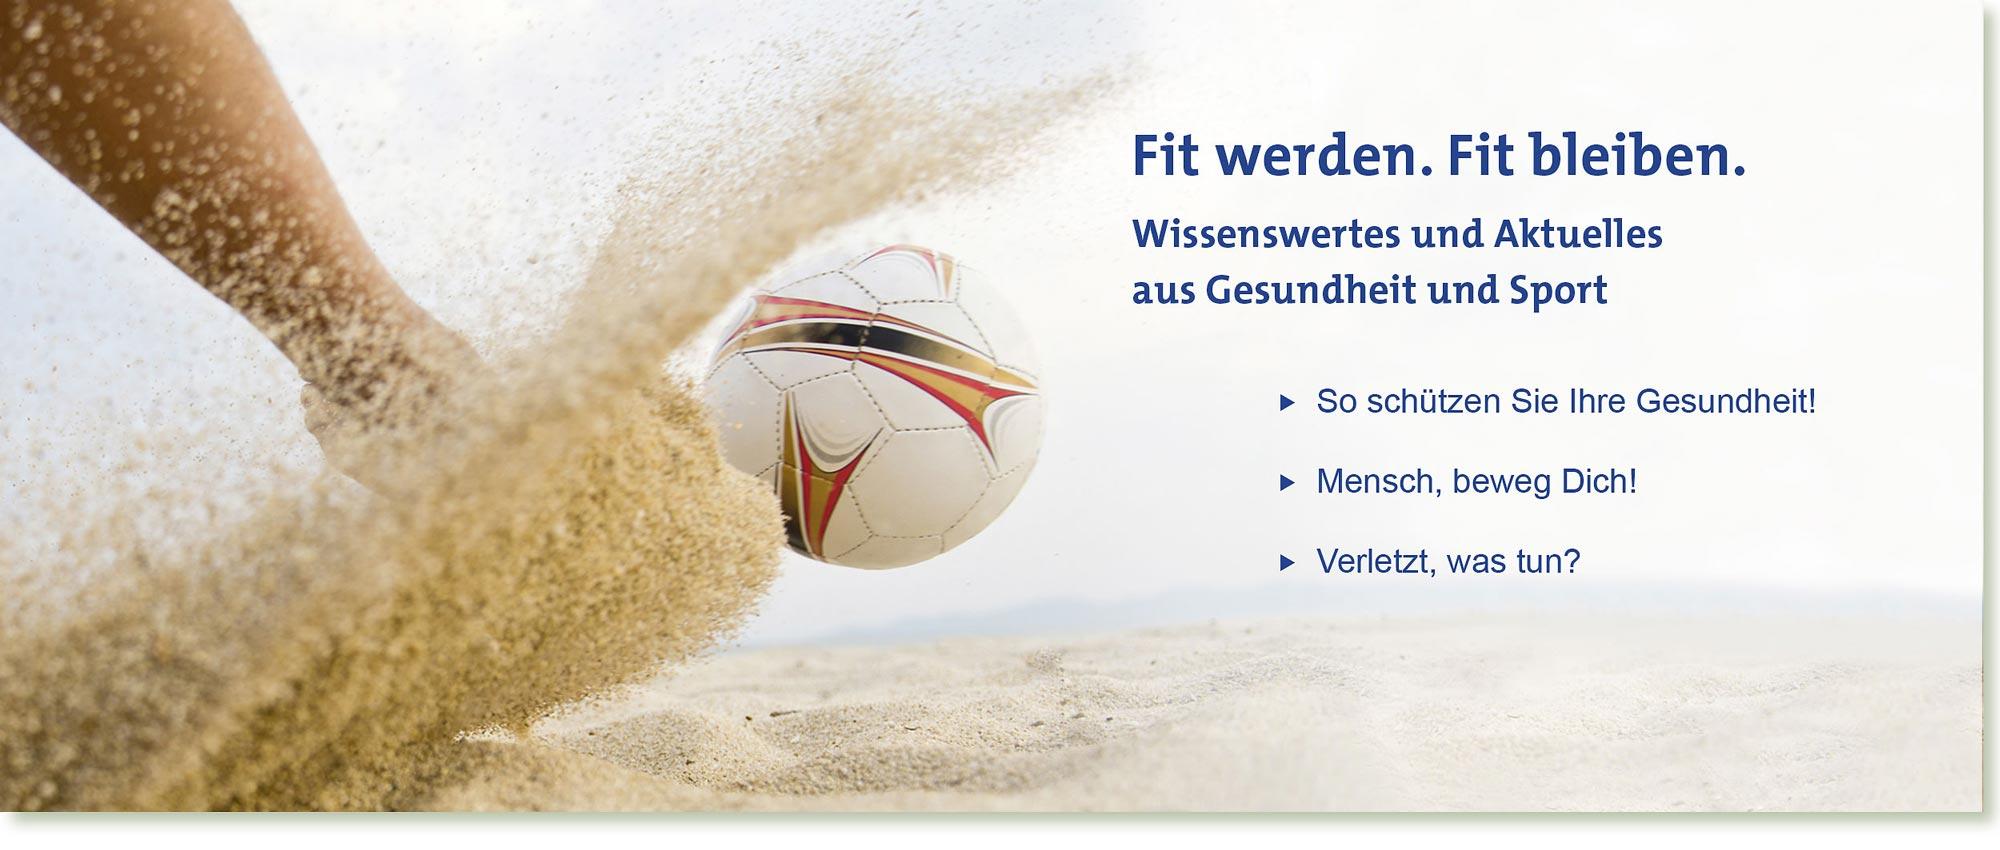 HeadImage | [formula] Müller-Wohlfahrt Gesundheit und Sport im Sommer